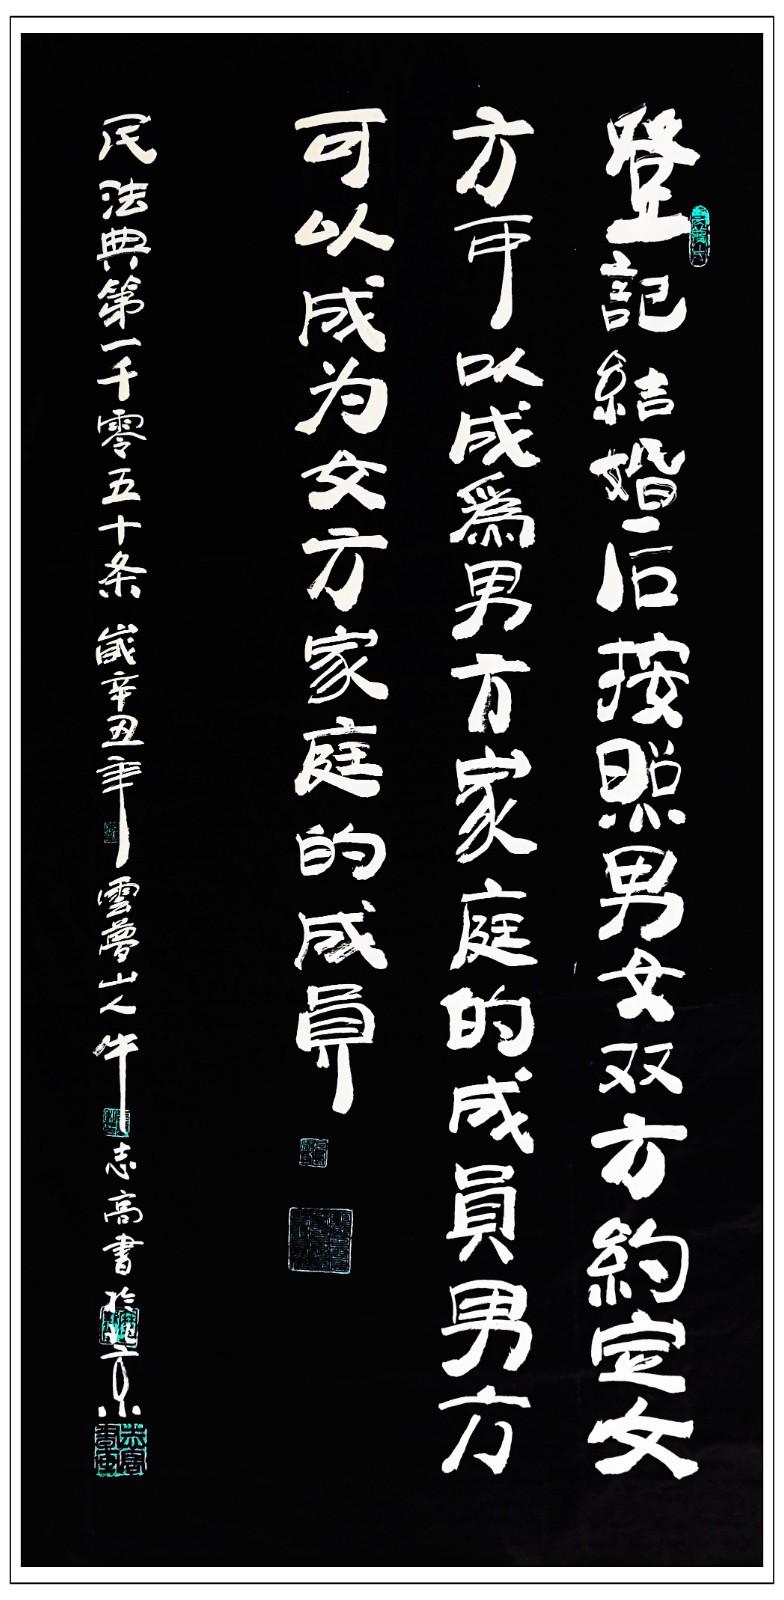 牛志高书法--------2021.03.24_图1-1